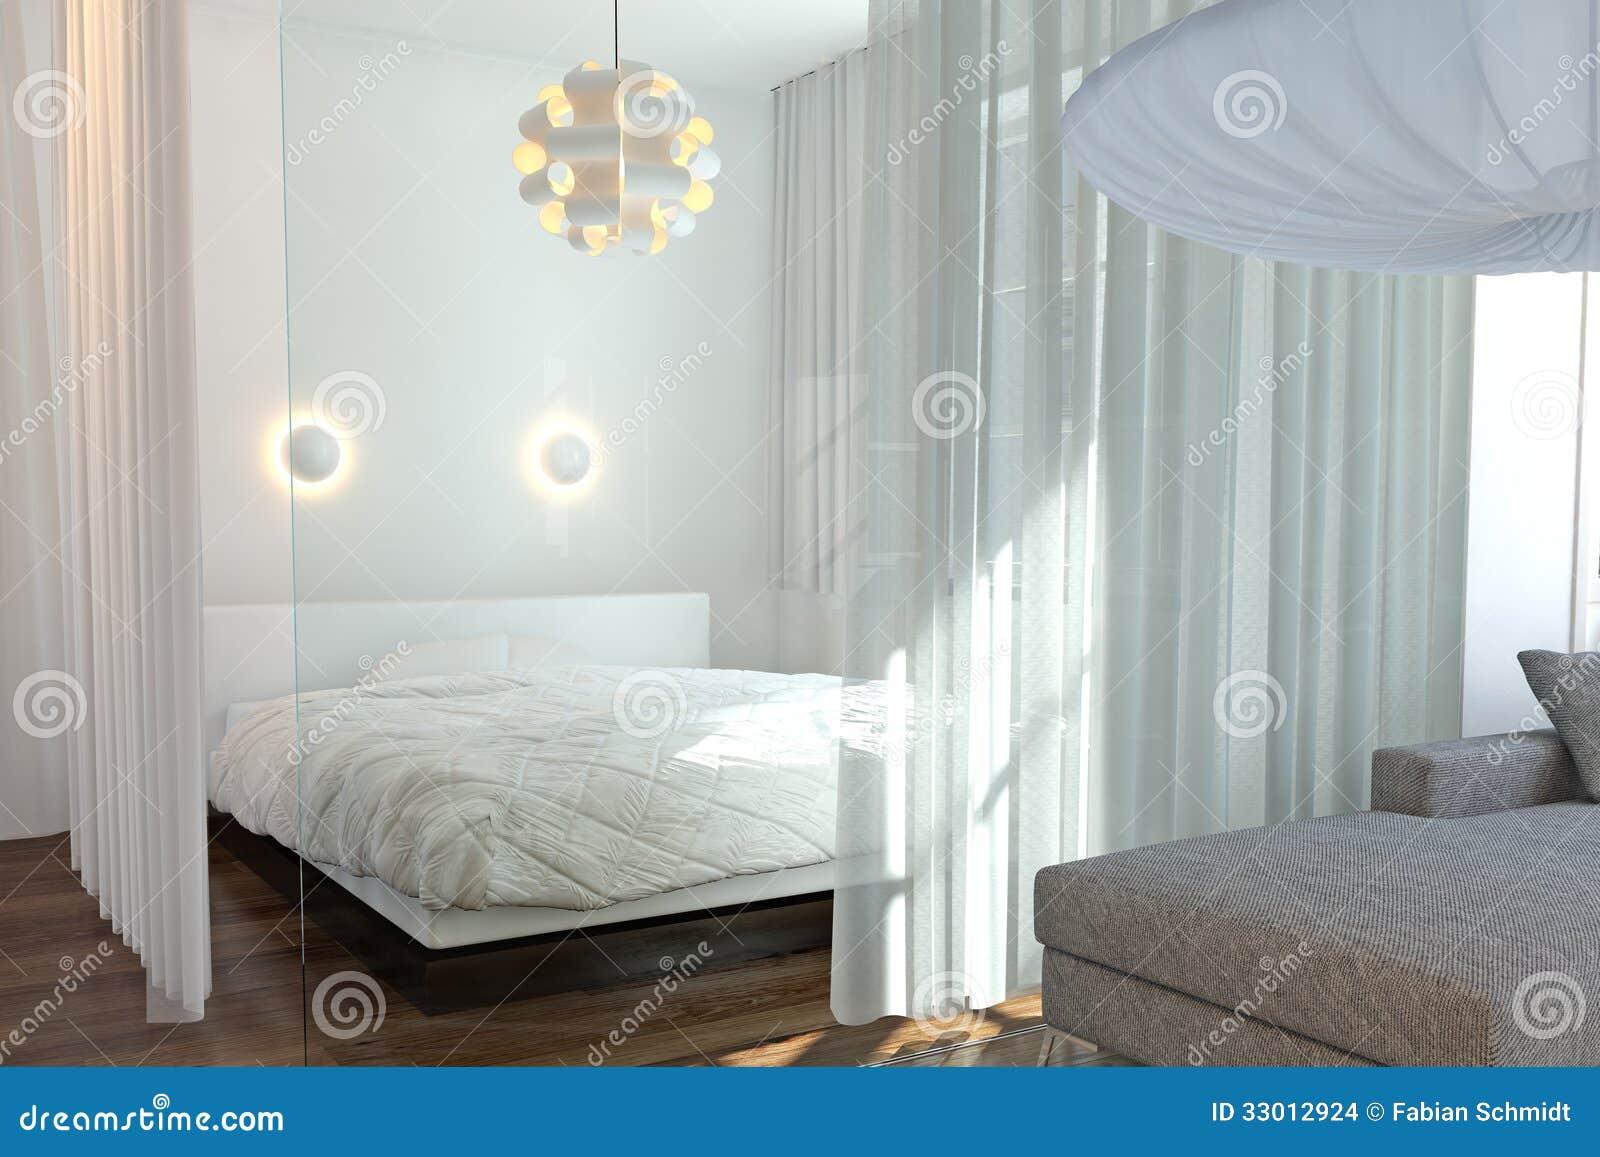 Bagno In Camera Con Vetrata : Camera da letto moderna con la parete di vetro illustrazione di